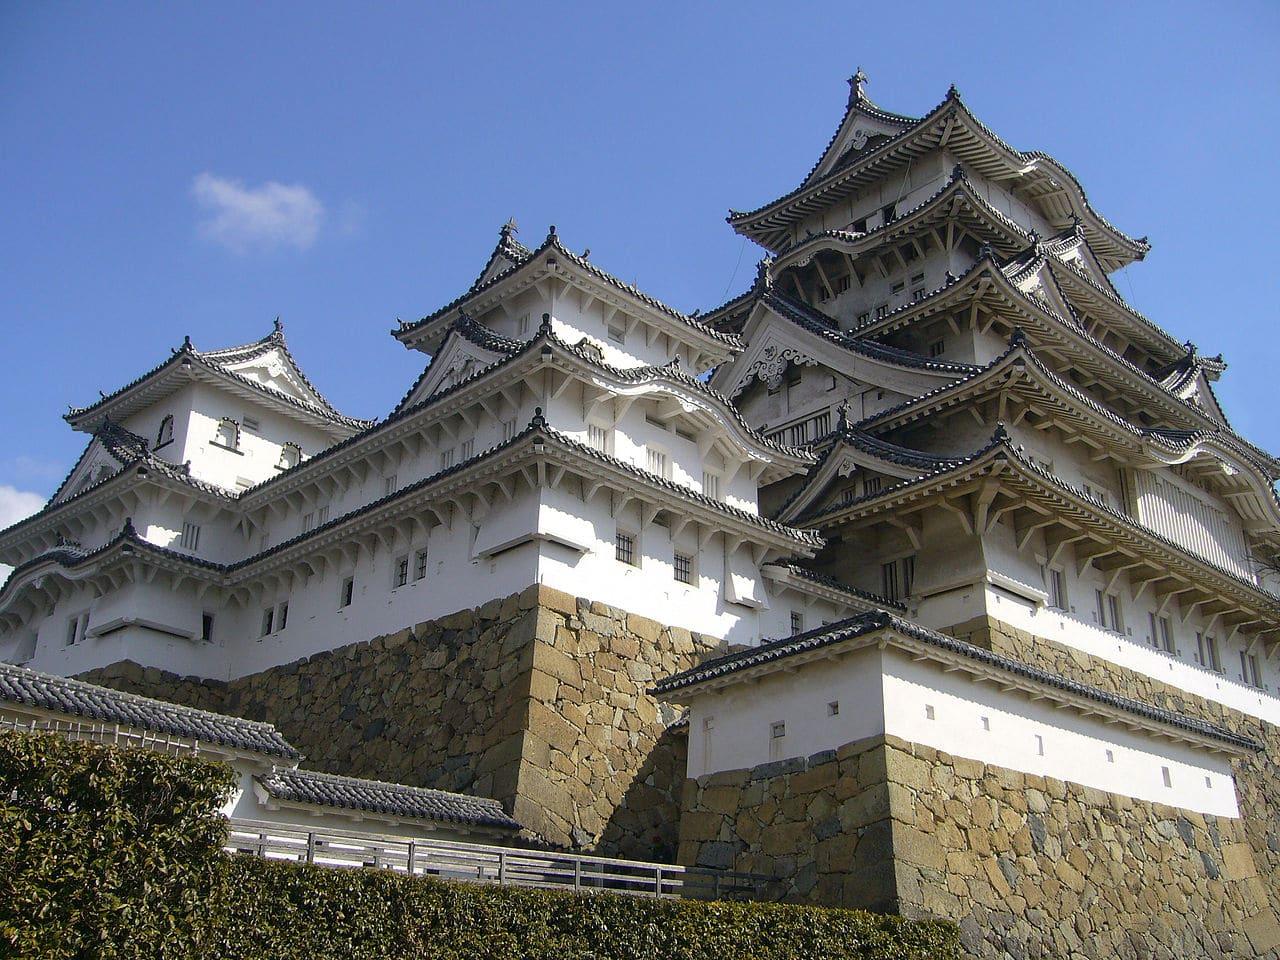 El castillo Himeji